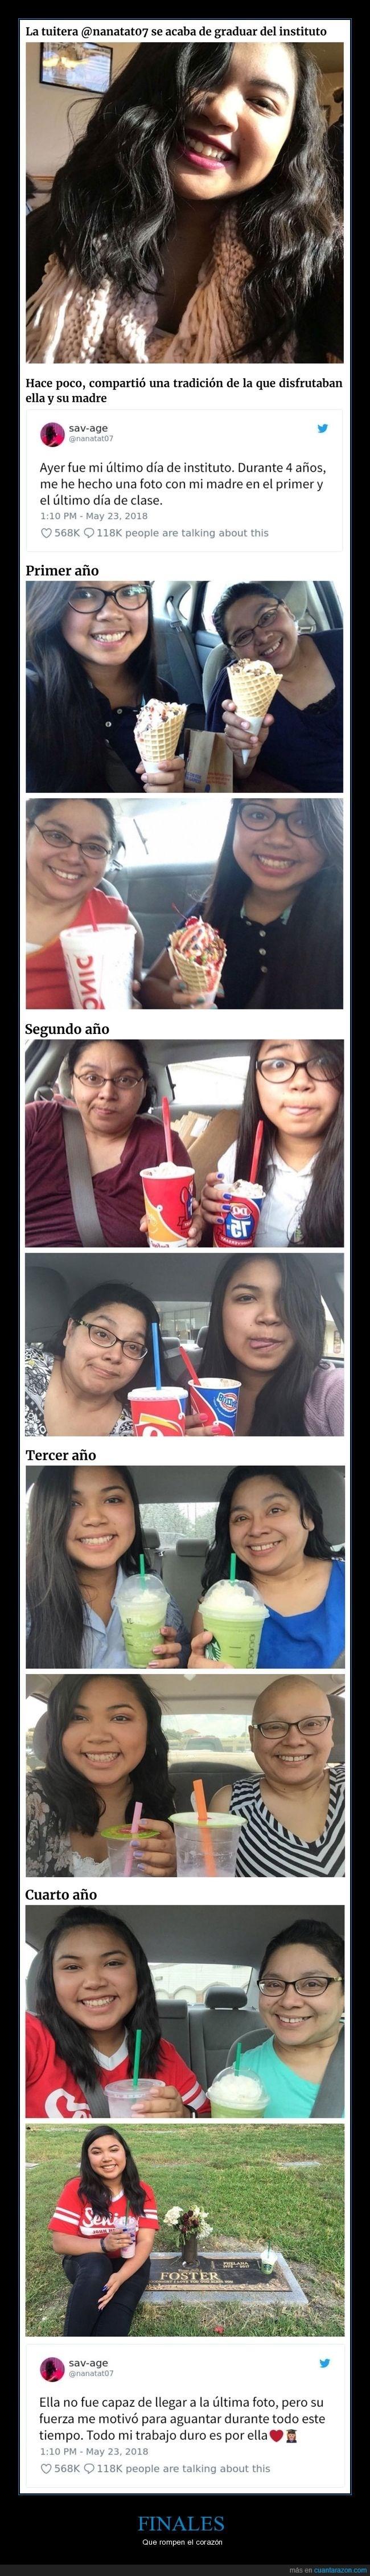 historia de estudiante que se tomo una foto con su madre